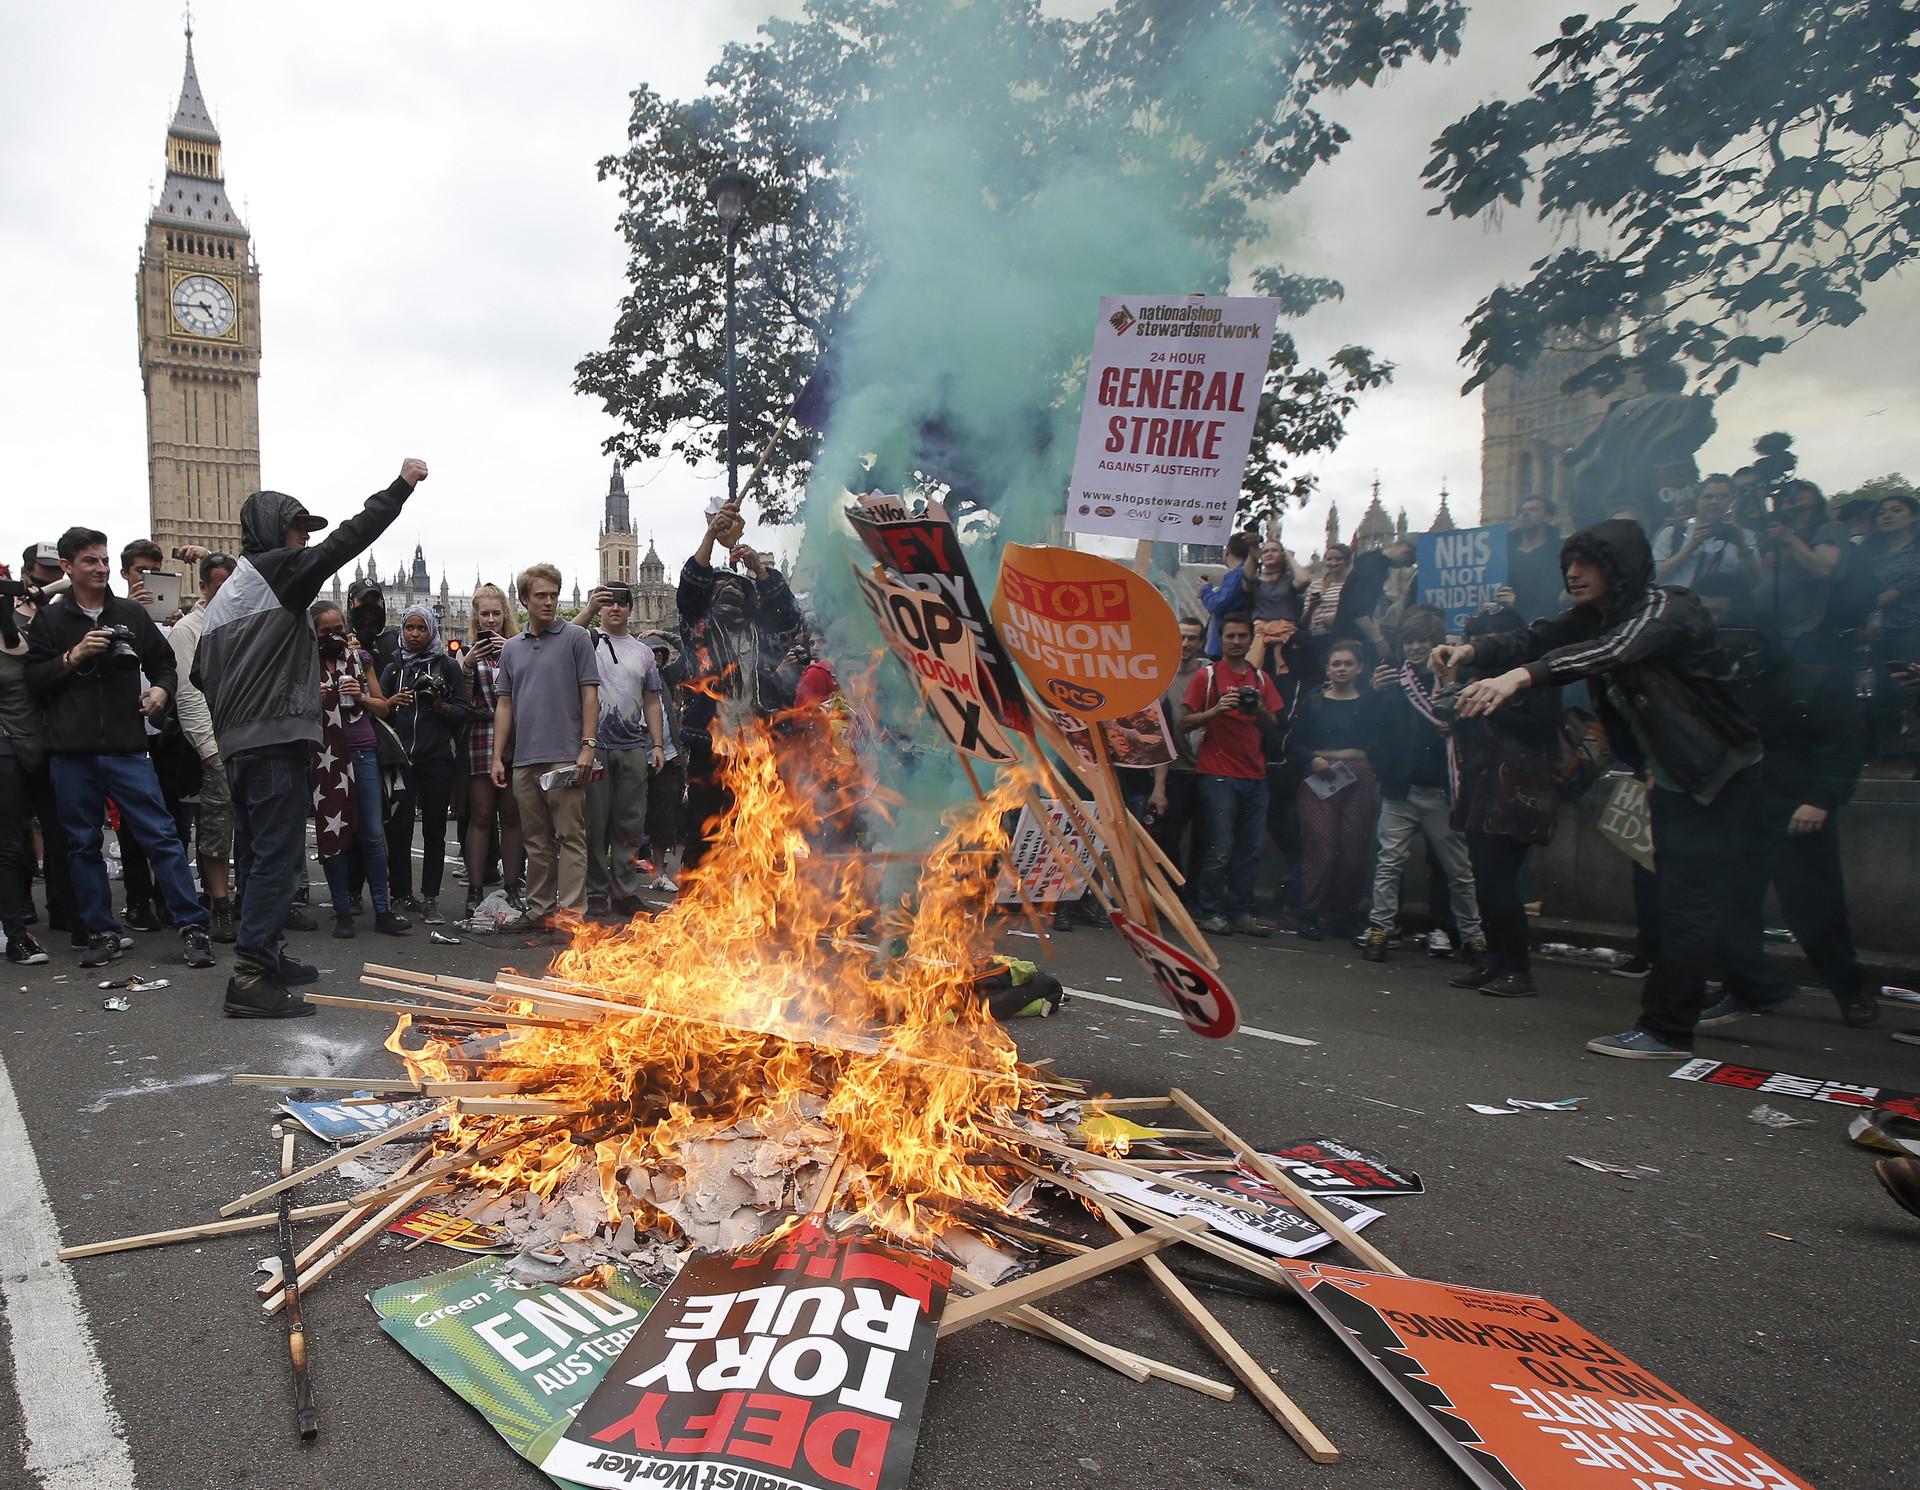 Miles de personas protestan contra la austeridad en Londres